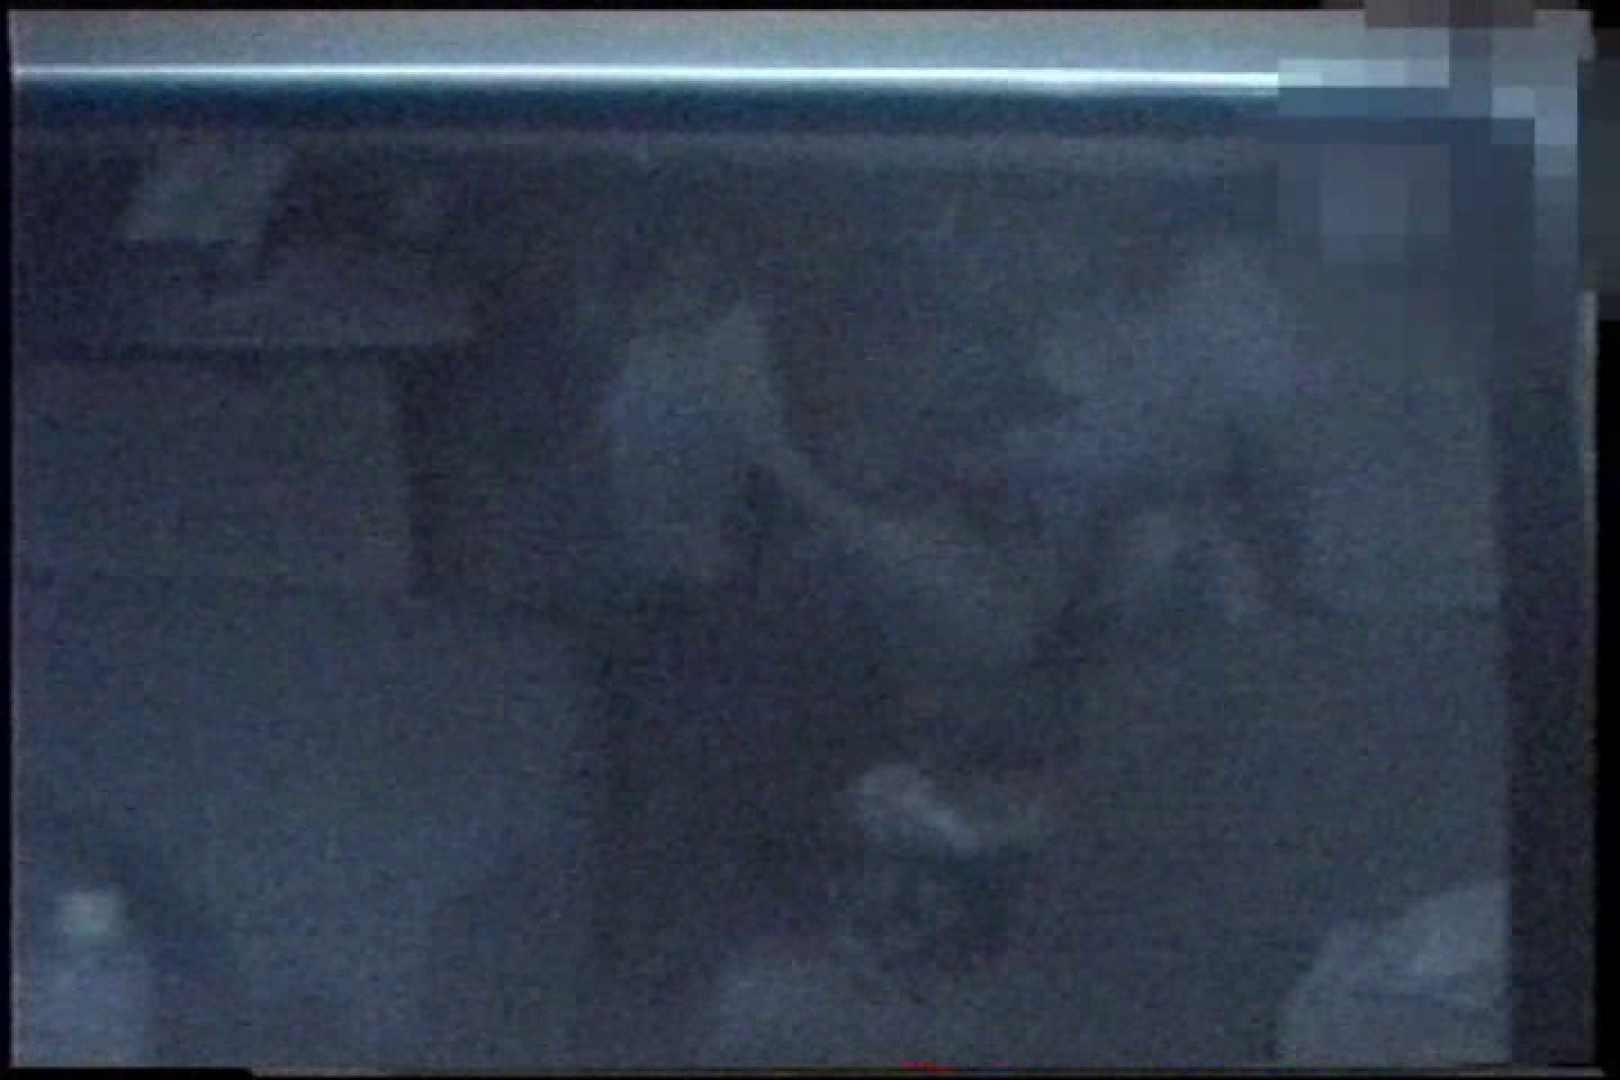 充血監督の深夜の運動会Vol.210 おまんこ無修正 | OLセックス  98画像 17